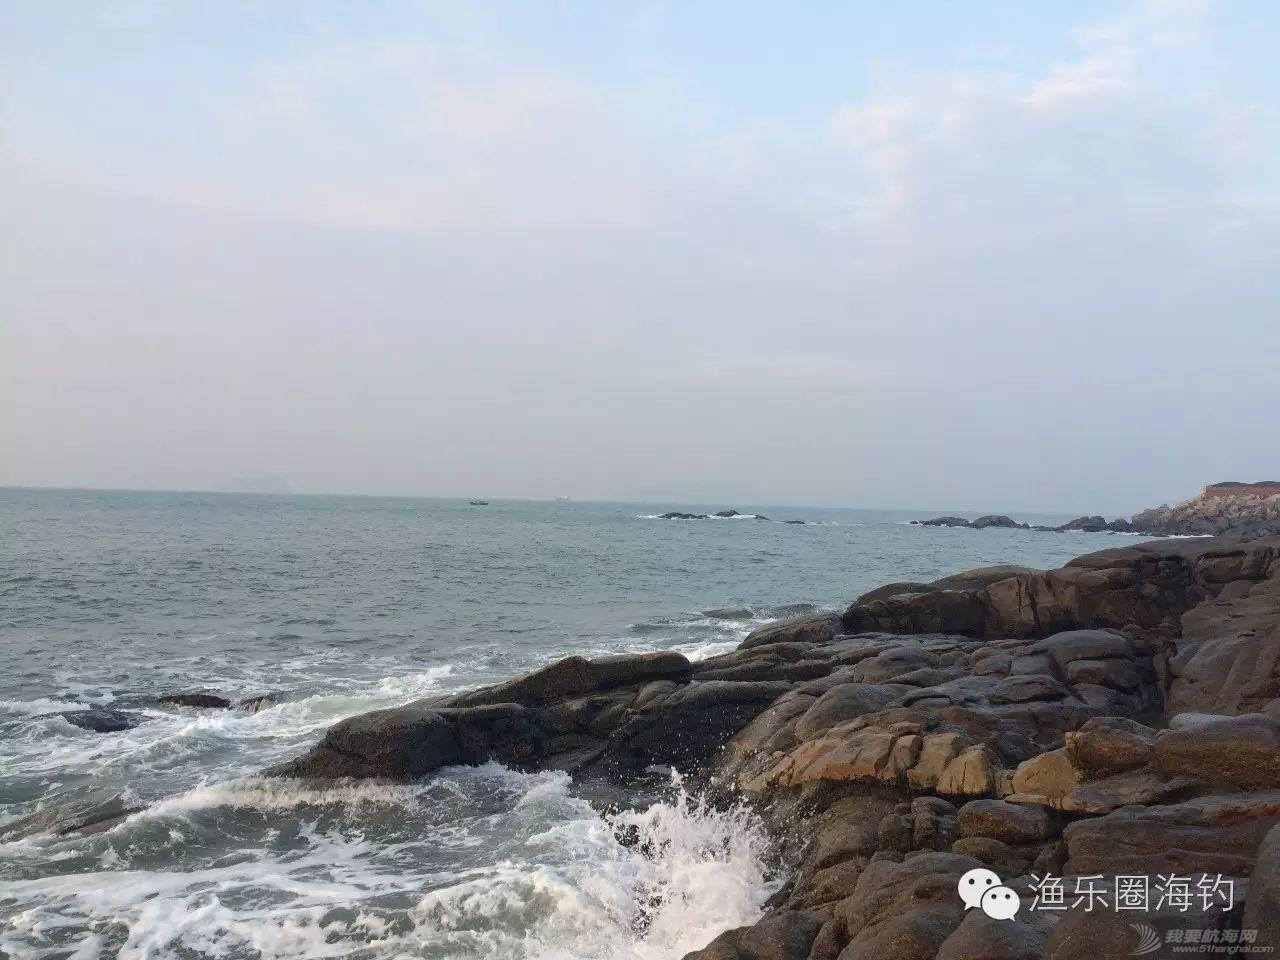 如果生命是一幅画卷,那么海钓则是其中一道美丽的风景.w8.jpg